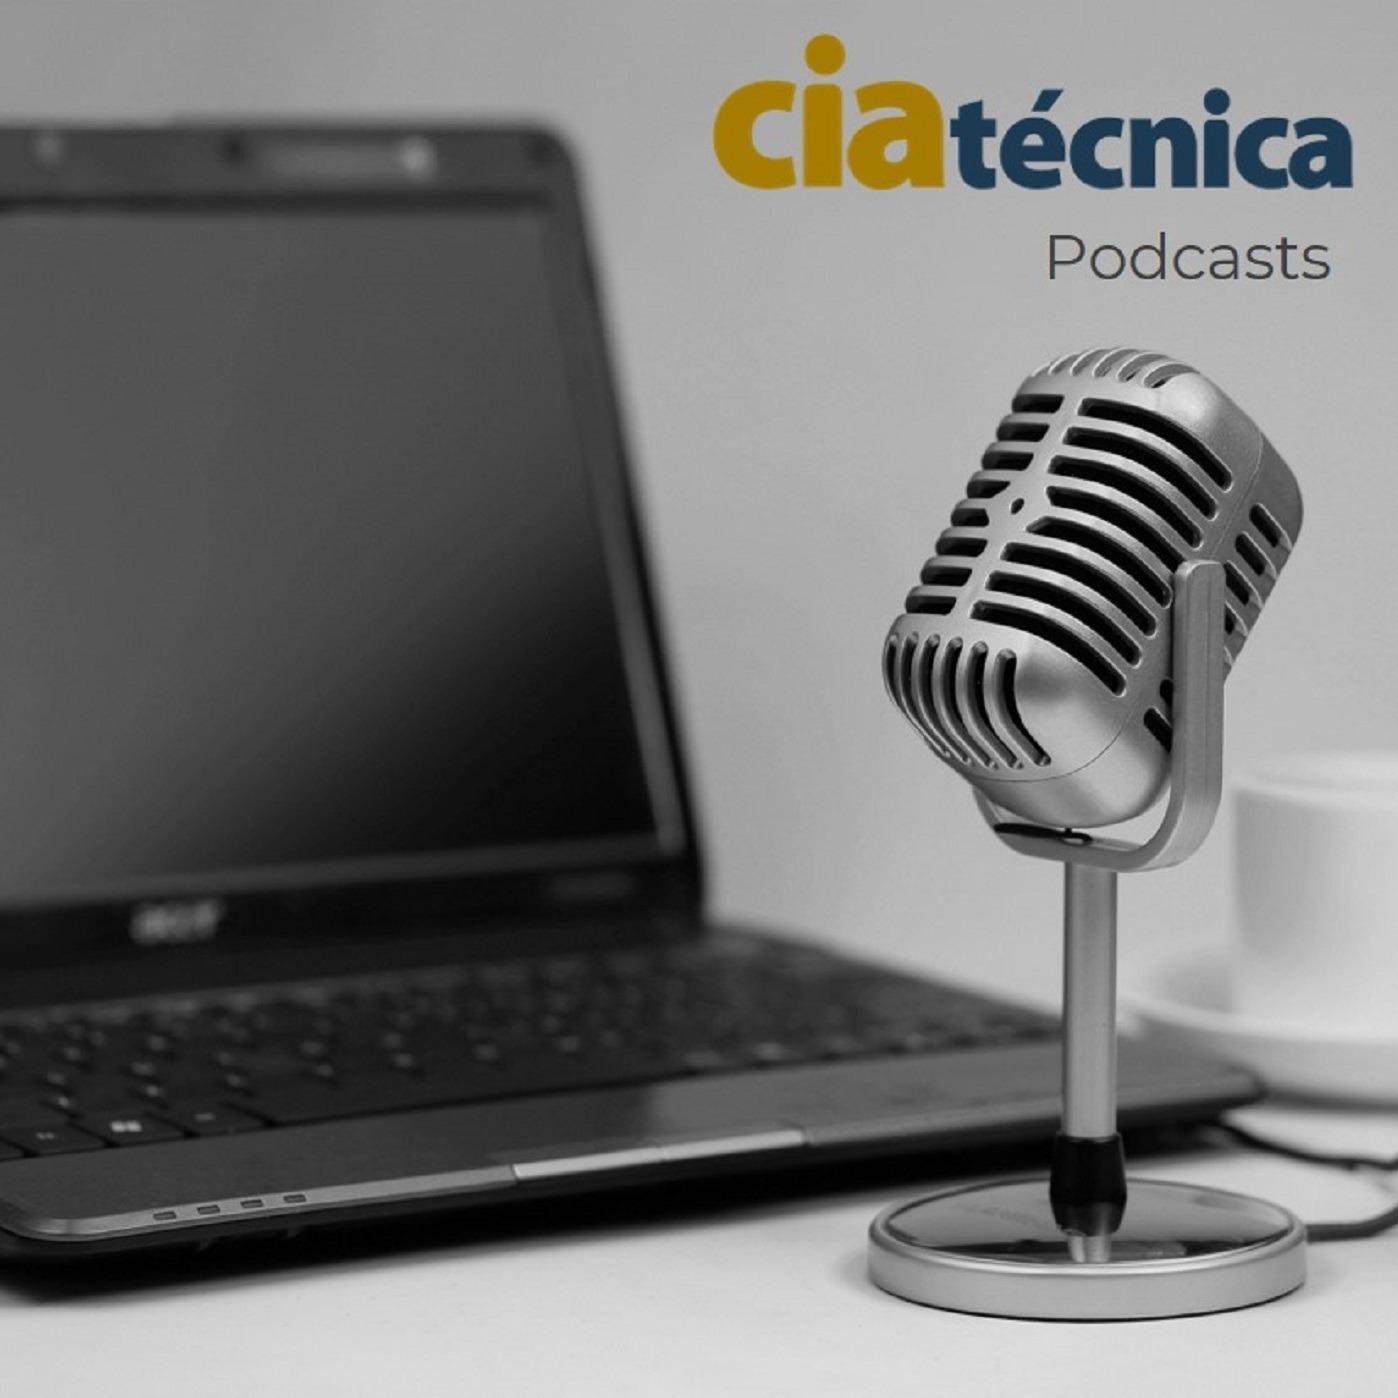 Ciatécnica Podcasts